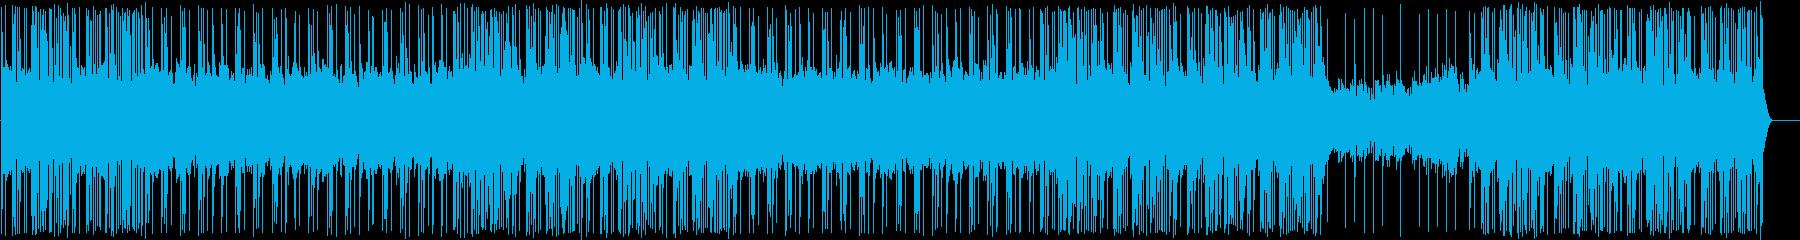 ピアノループ/ブラス/ビート/ダーク#1の再生済みの波形